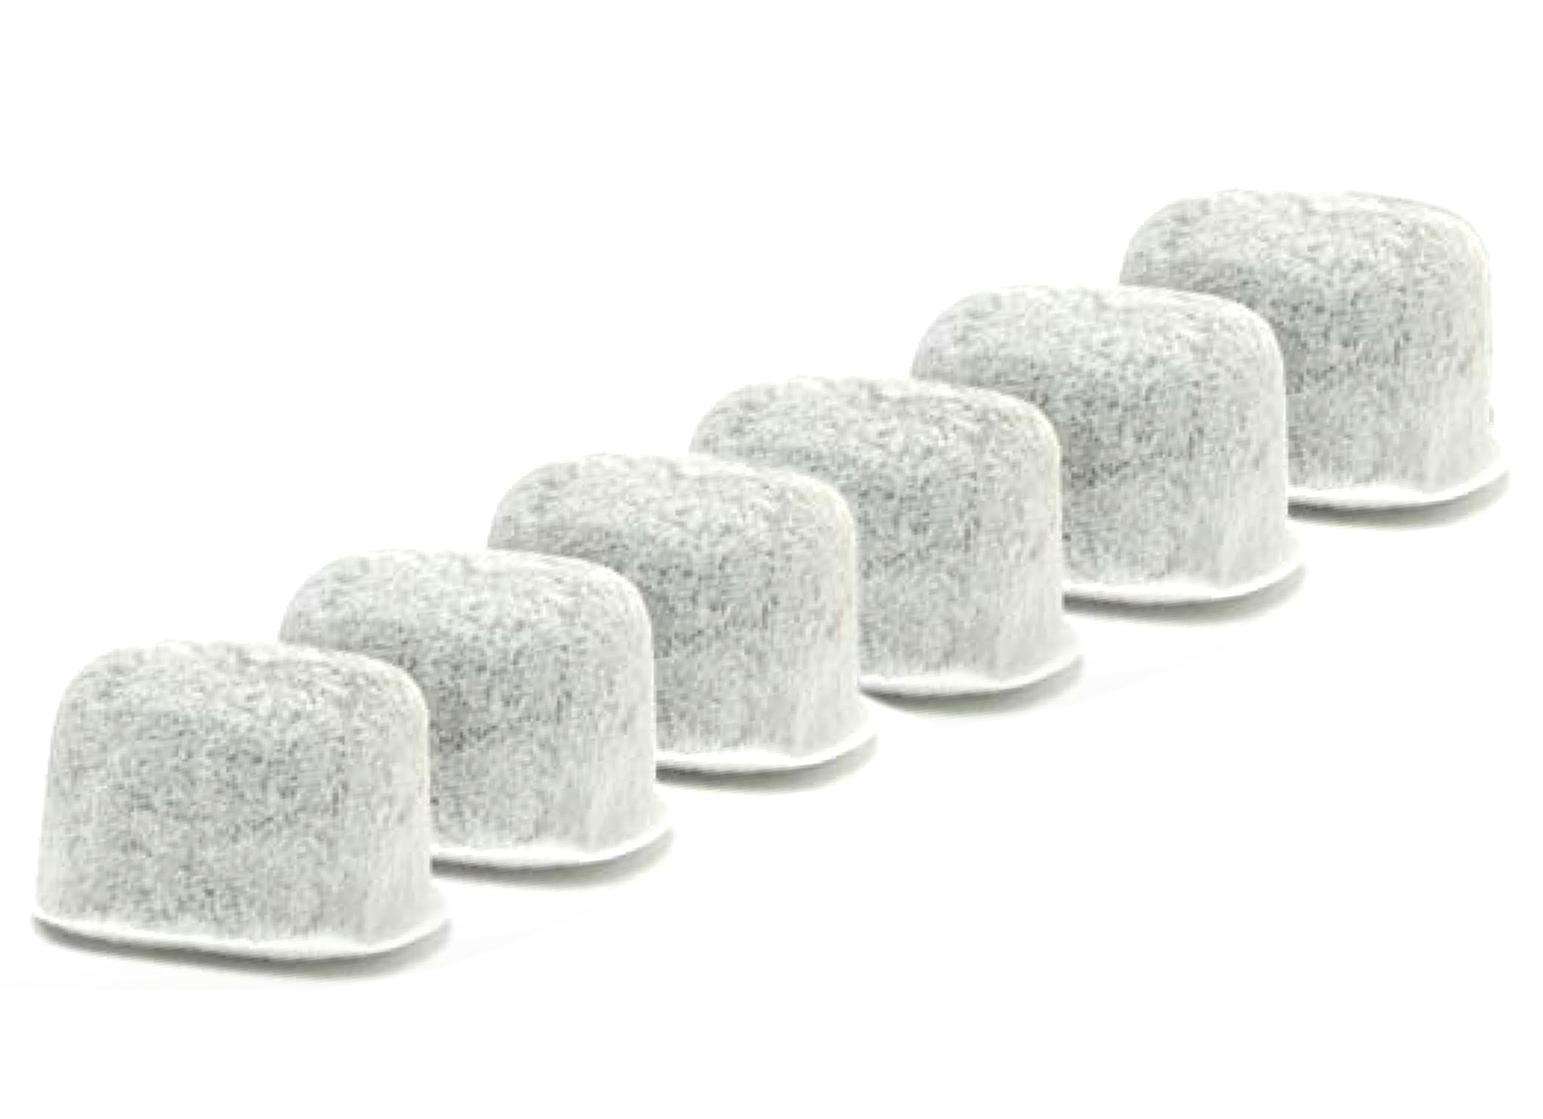 Keurig Replacement Water Filter Cartridge, Set of 6